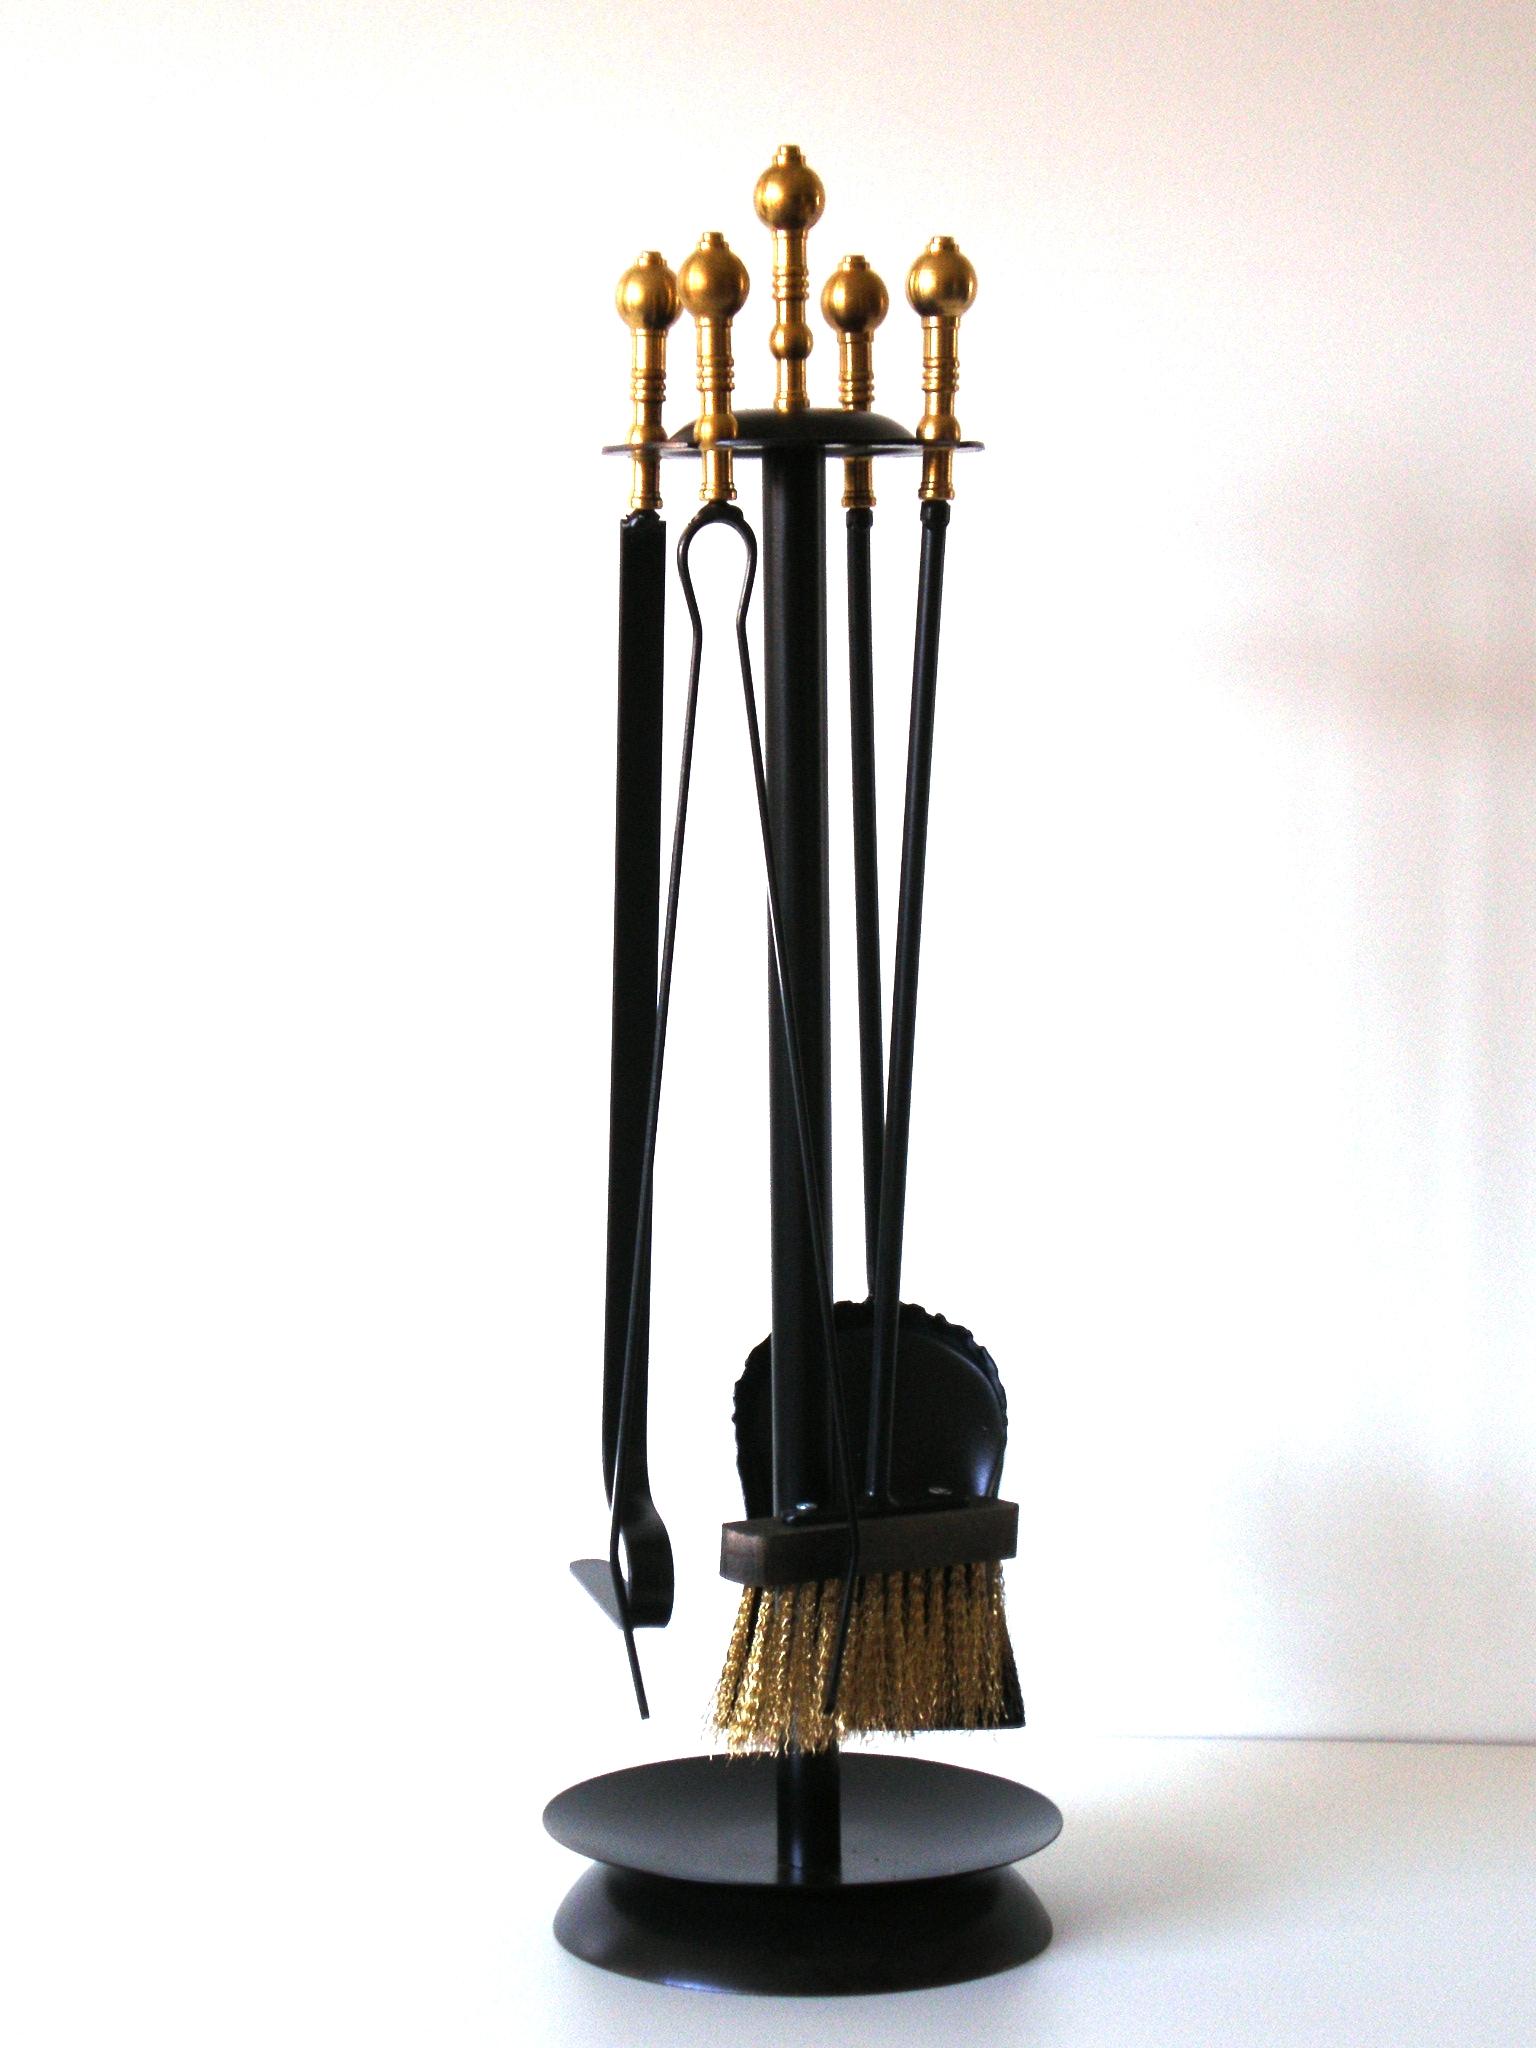 """Κρεμανταλάς Σιδερένιος """"Μαύρος ORO Μπίλια"""" - Β - 3-112 ΜΑΥΡΟ ORO ΜΠΙΛΙΑ διακοσμηση σαλόνι είδη τζακιού"""